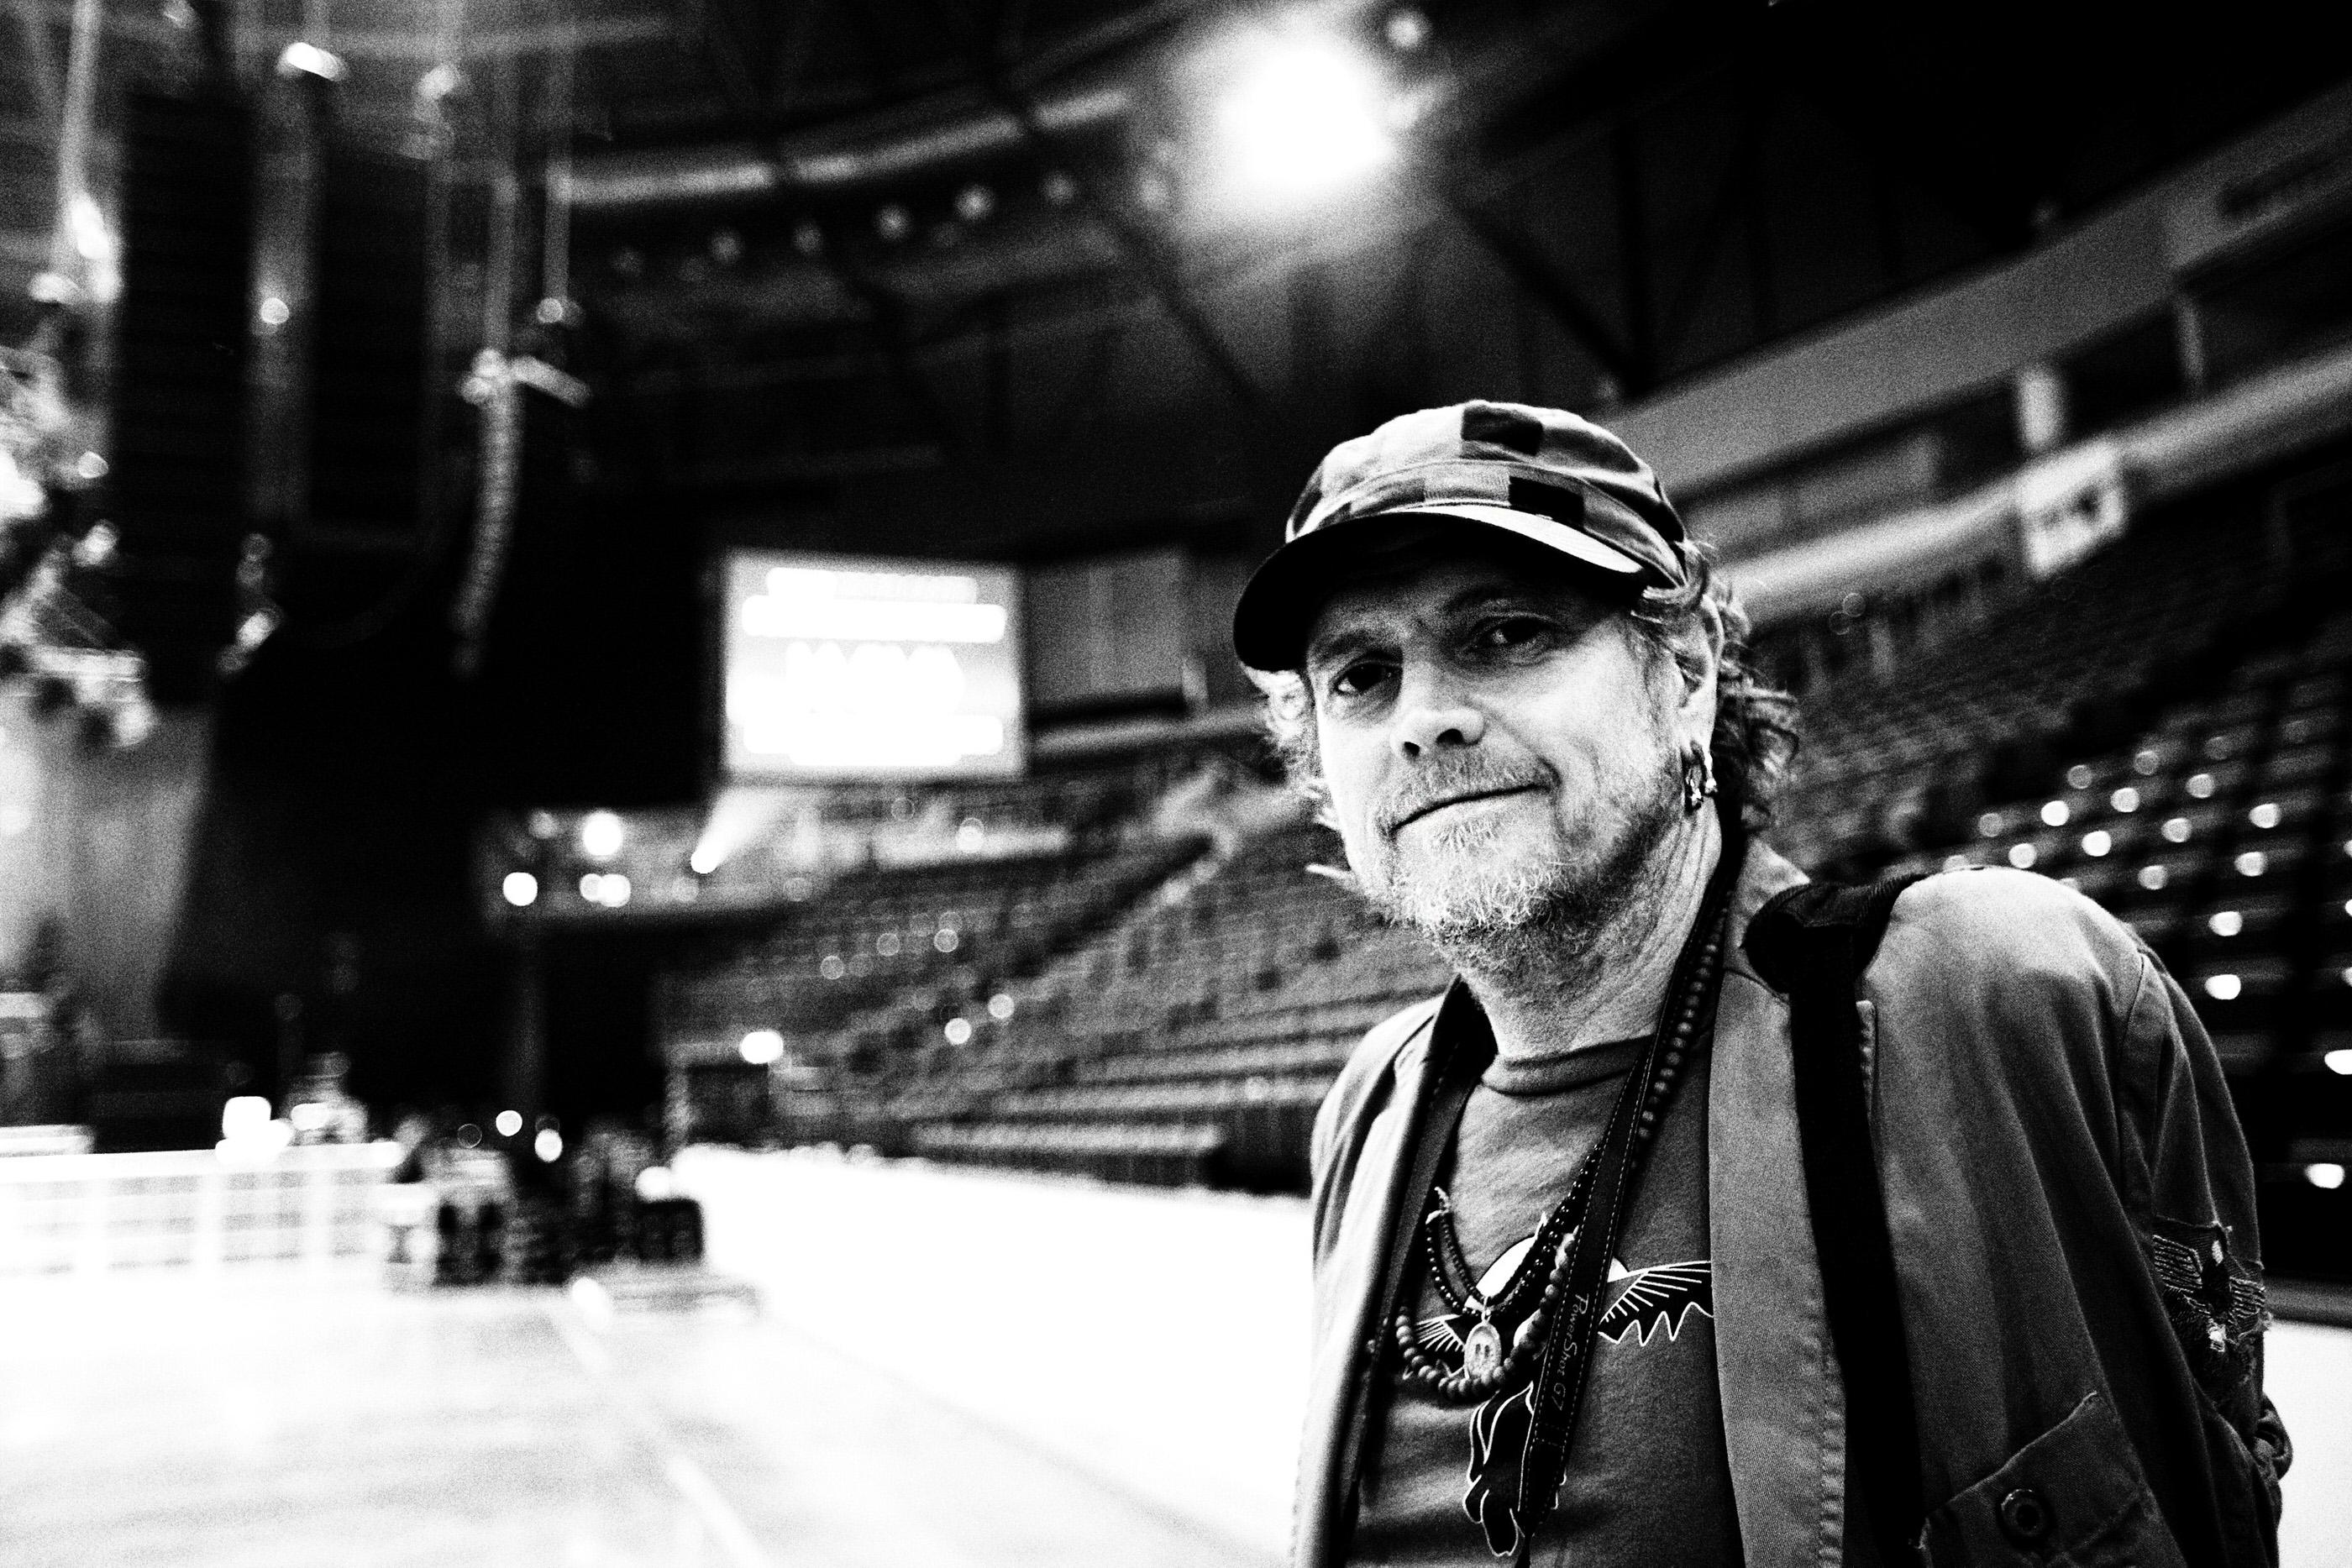 Rick Allen Def Leppard Belfast 2008 by Ash Newell